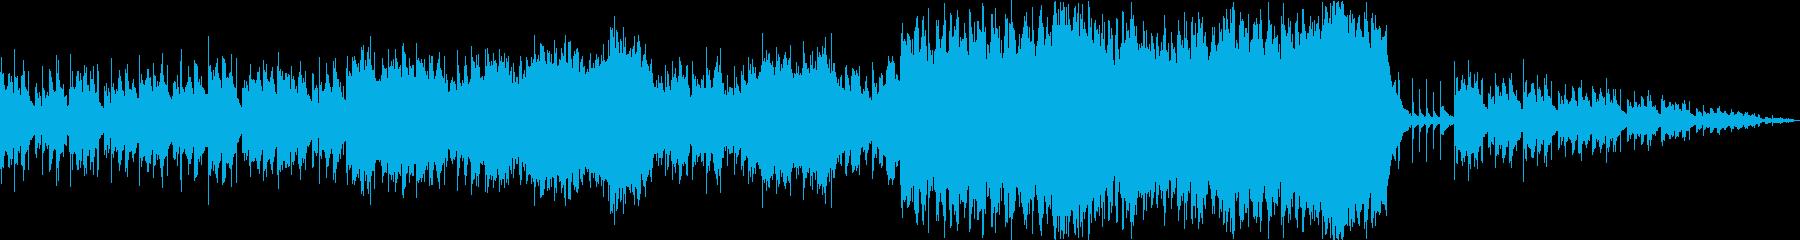 ノスタルジックで不思議なオーケストラ曲の再生済みの波形